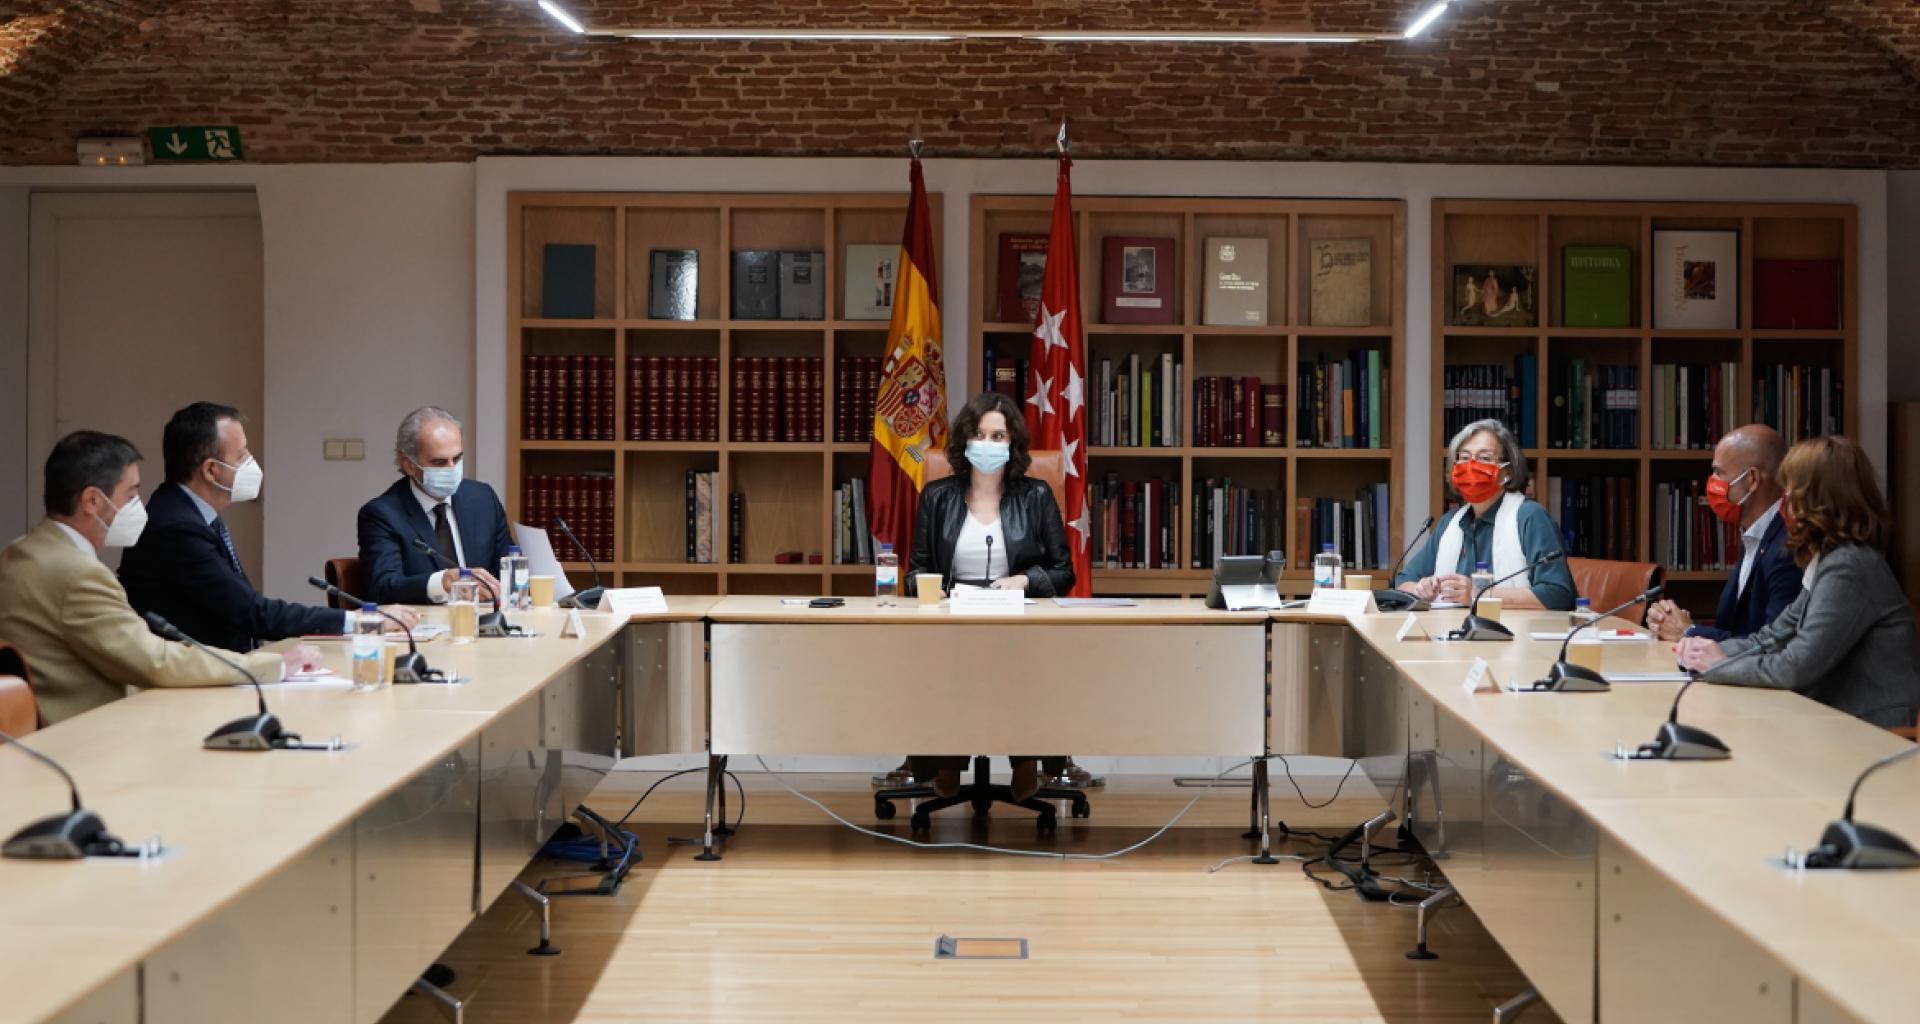 La Comunidad de Madrid presentará hoy viernes un recurso acompañado de medidas cautelarísimas contra la Resolución del Ministerio de Sanidad que obliga cerrar Madrid